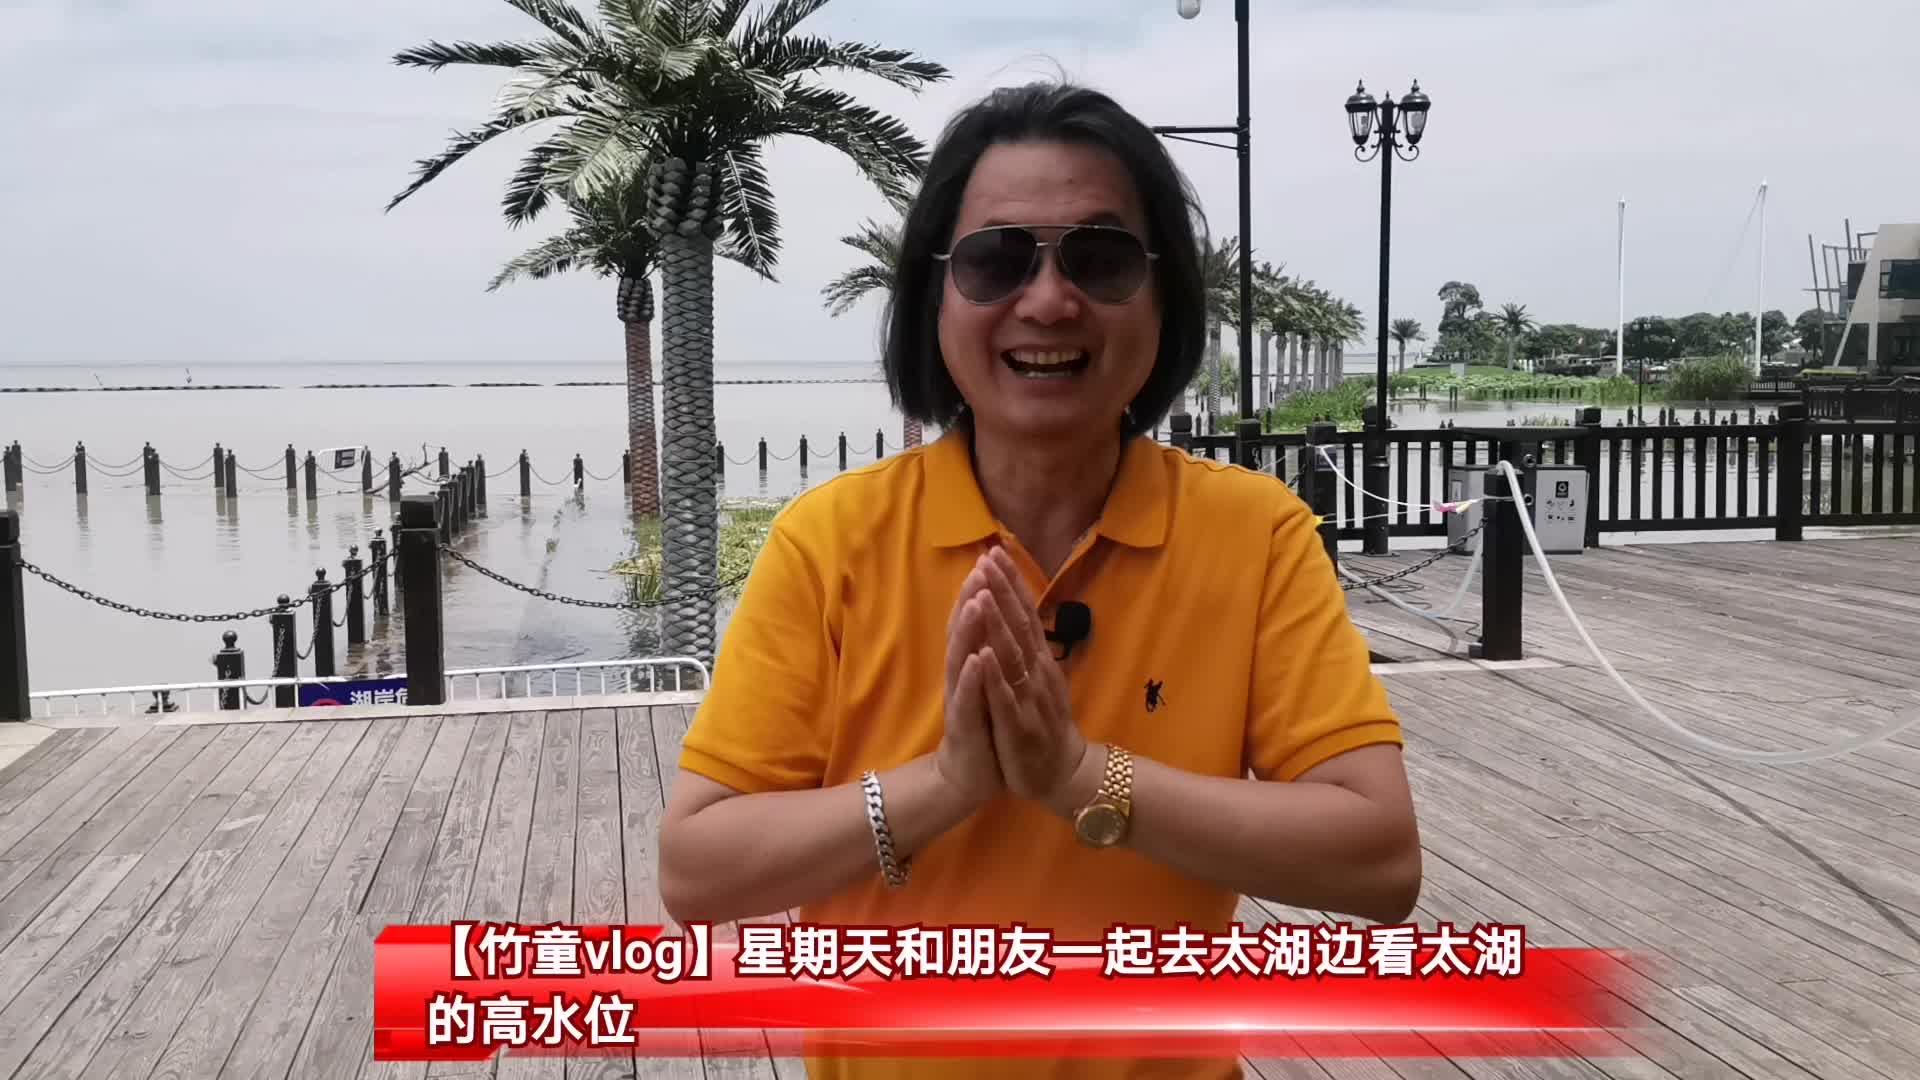 【竹童vlog】星期天和朋友一起去太湖边看太湖现在的高水位